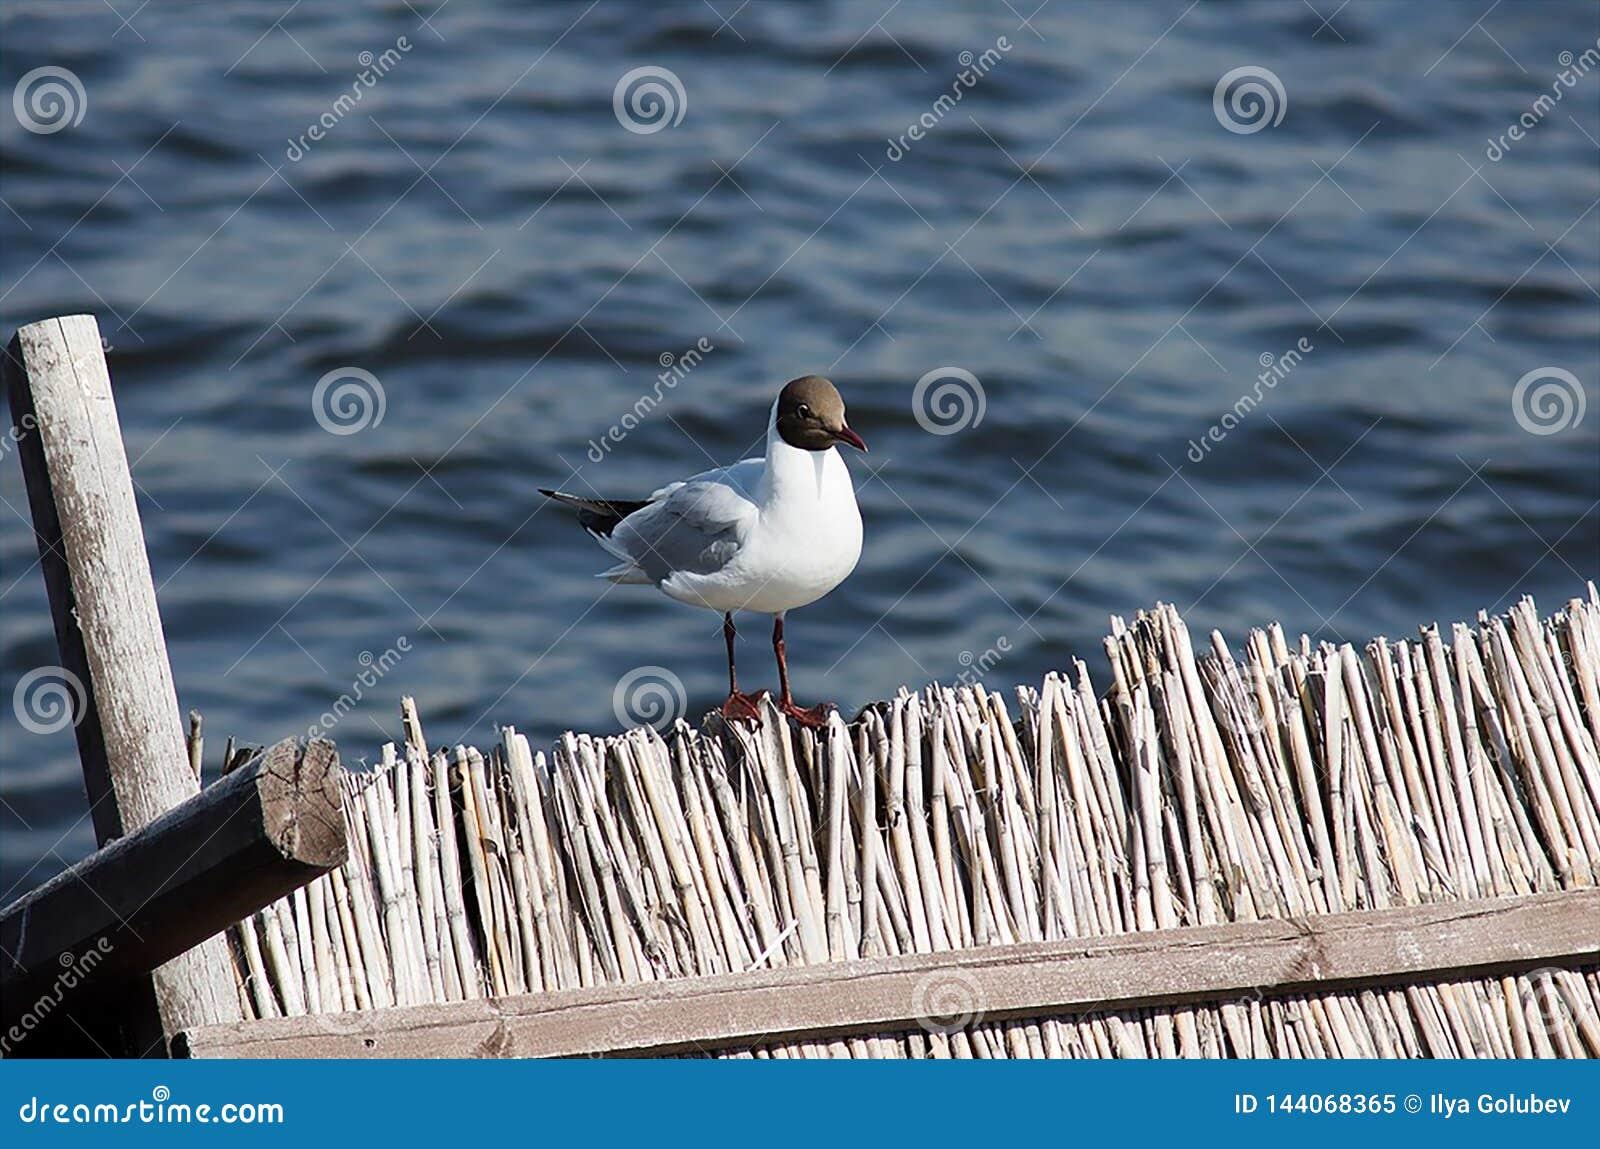 Eine Seemöwe sitzt auf dem Zaun auf dem Hintergrund des Wassers